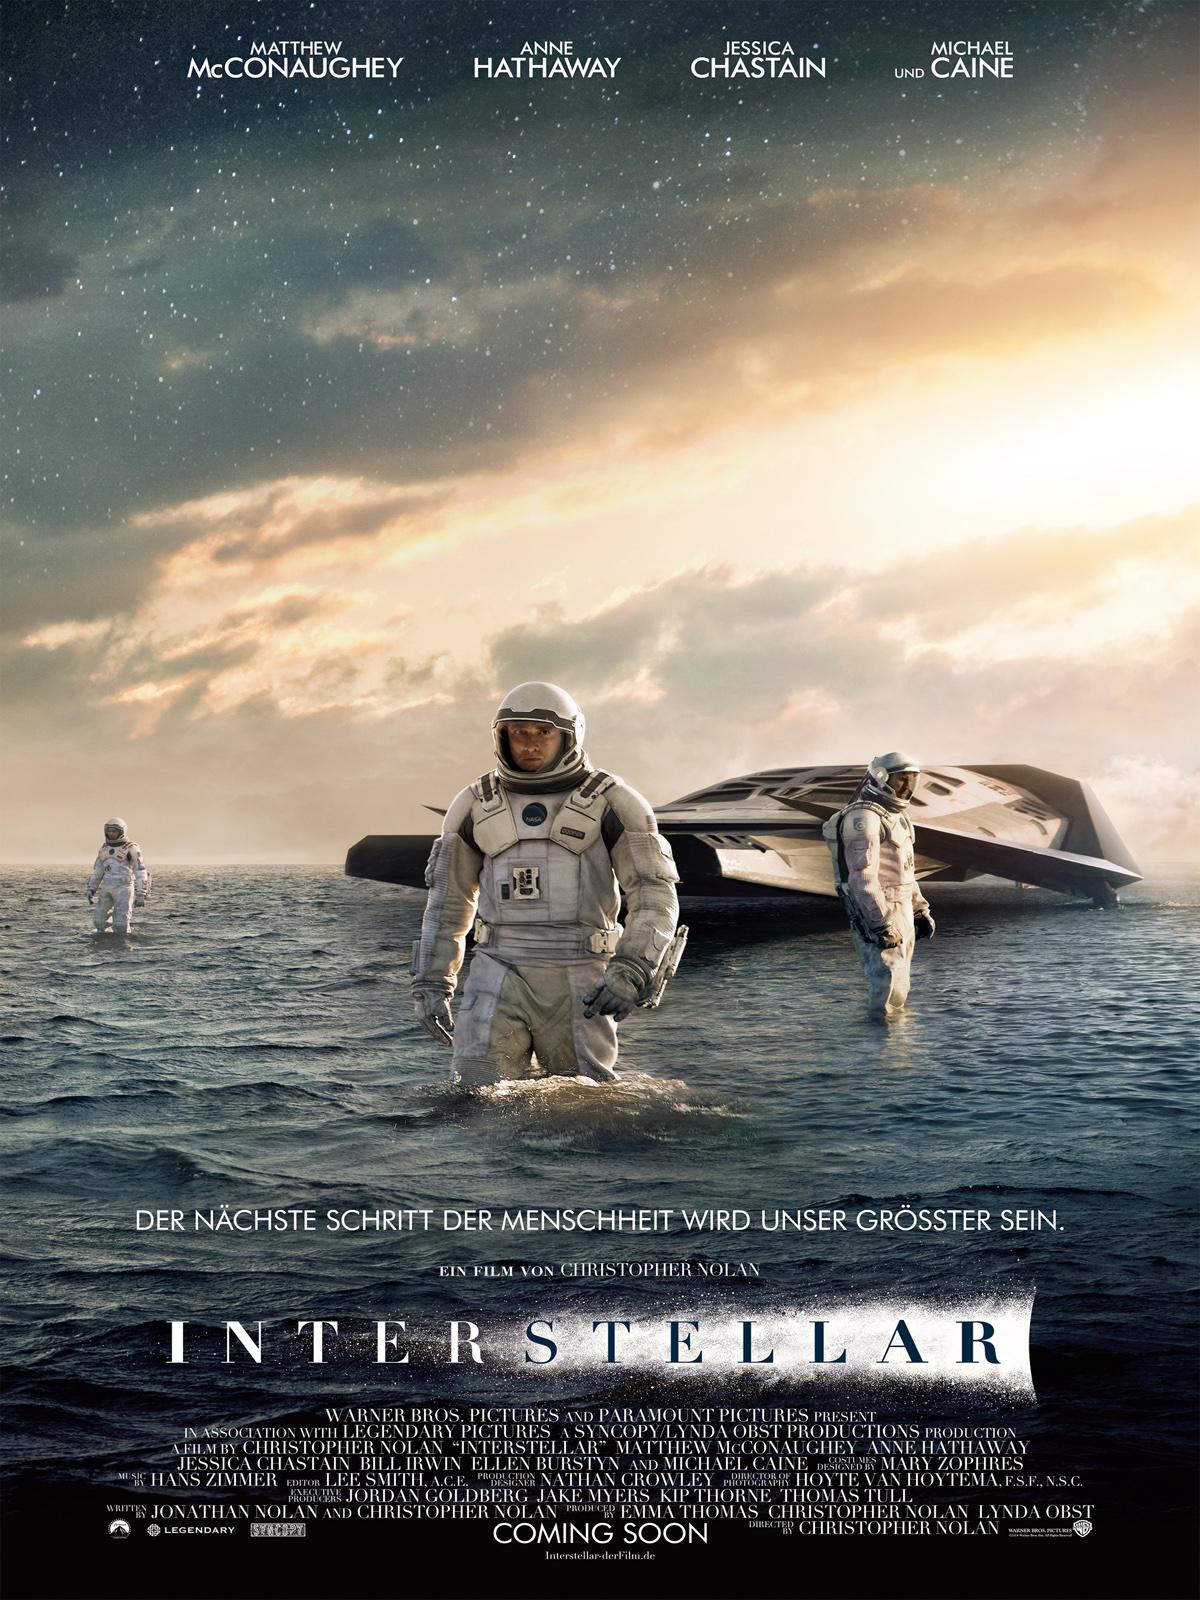 Filmstarts Interstellar